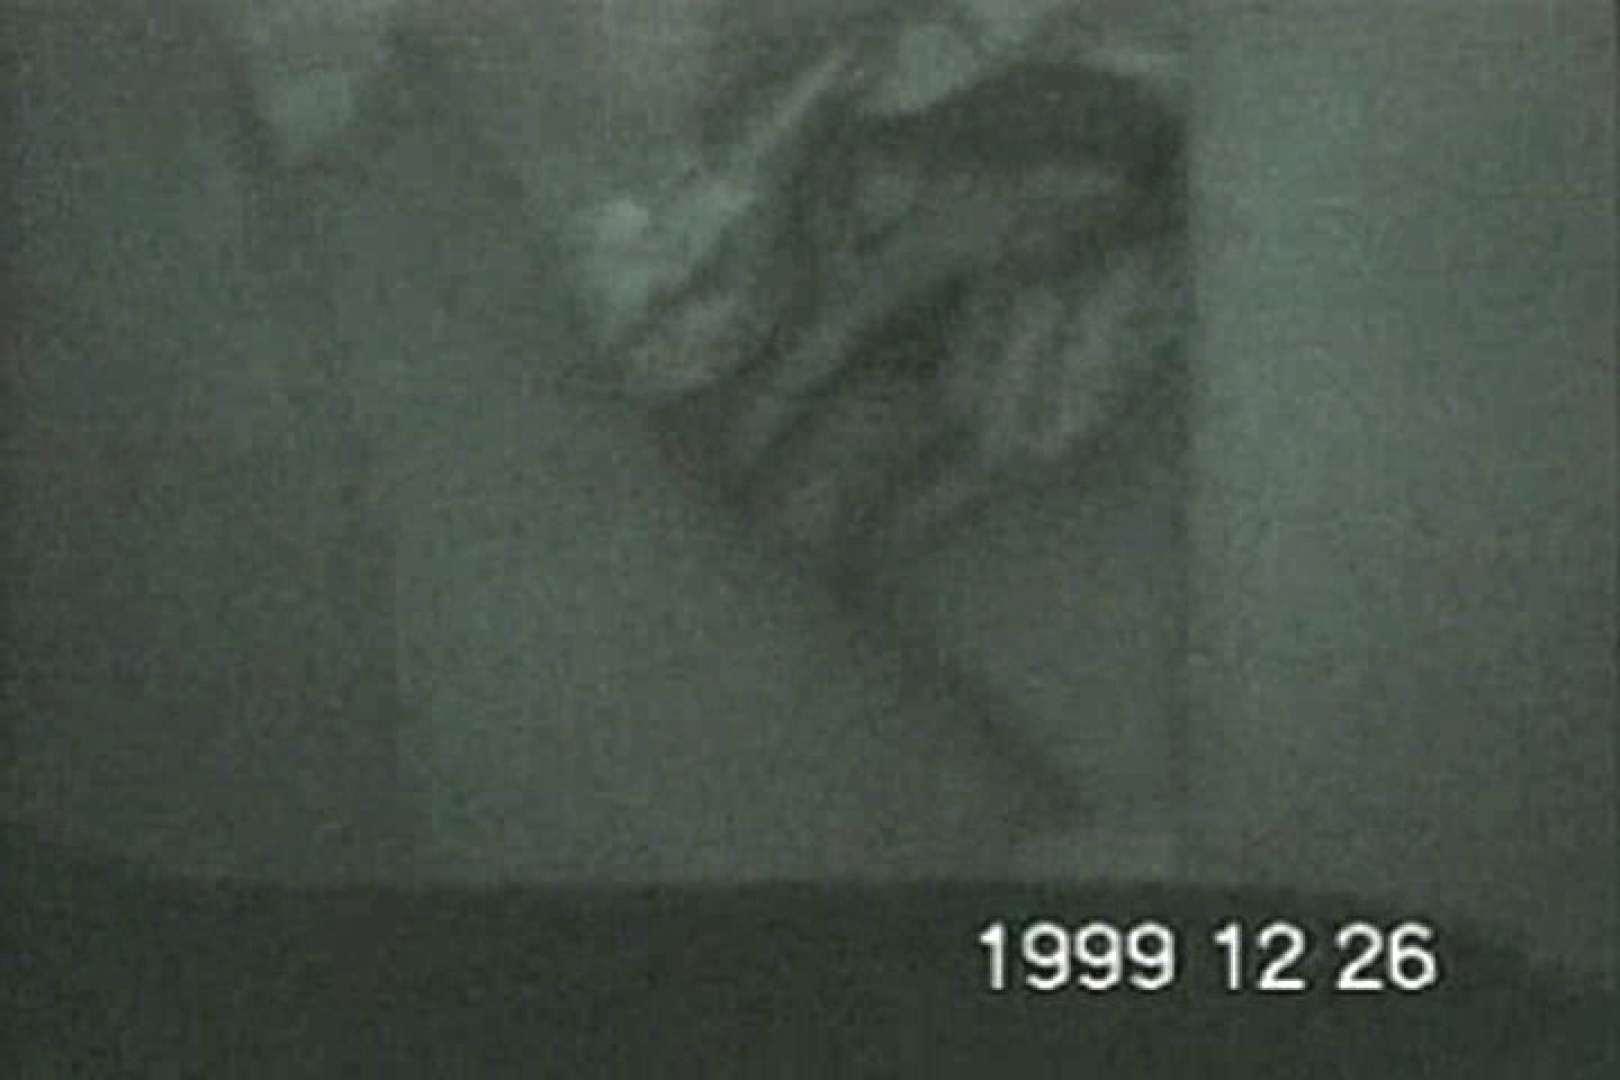 蔵出し!!赤外線カーセックスVol.11 セックス オマンコ動画キャプチャ 80画像 18